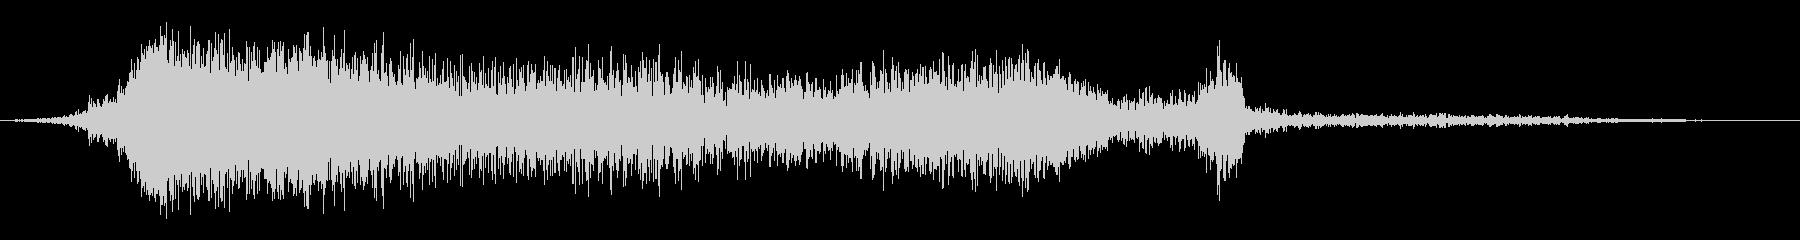 フランジ付きフレアの未再生の波形